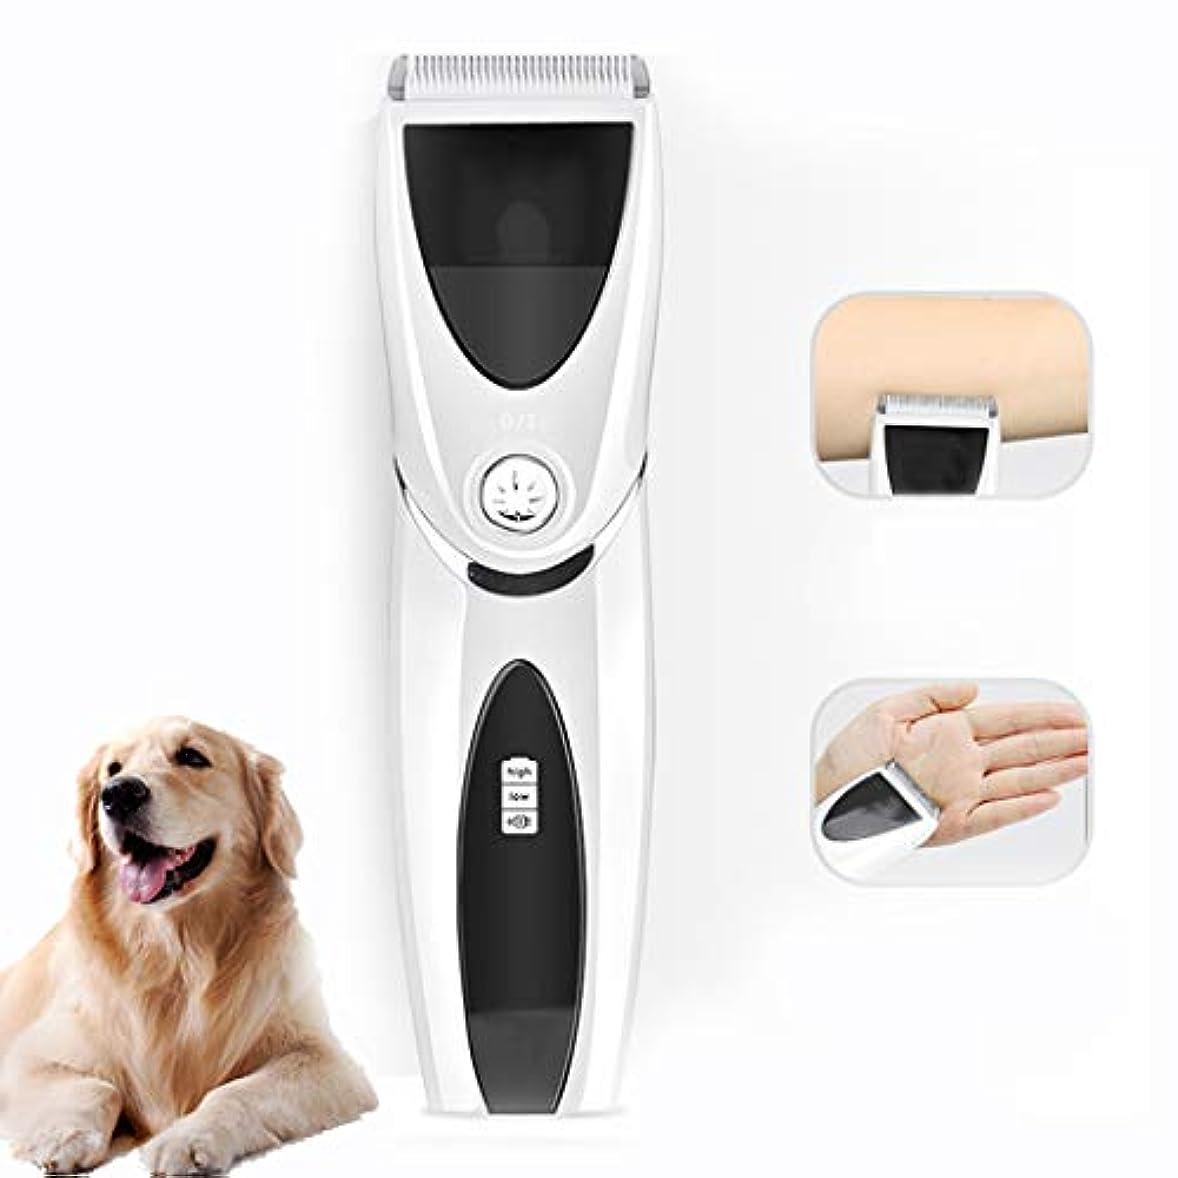 犬用バリカン、低雑音犬グルーミングクリッパー充電式コードレスペット毛トリマー、犬猫ペット用最高のバリカン